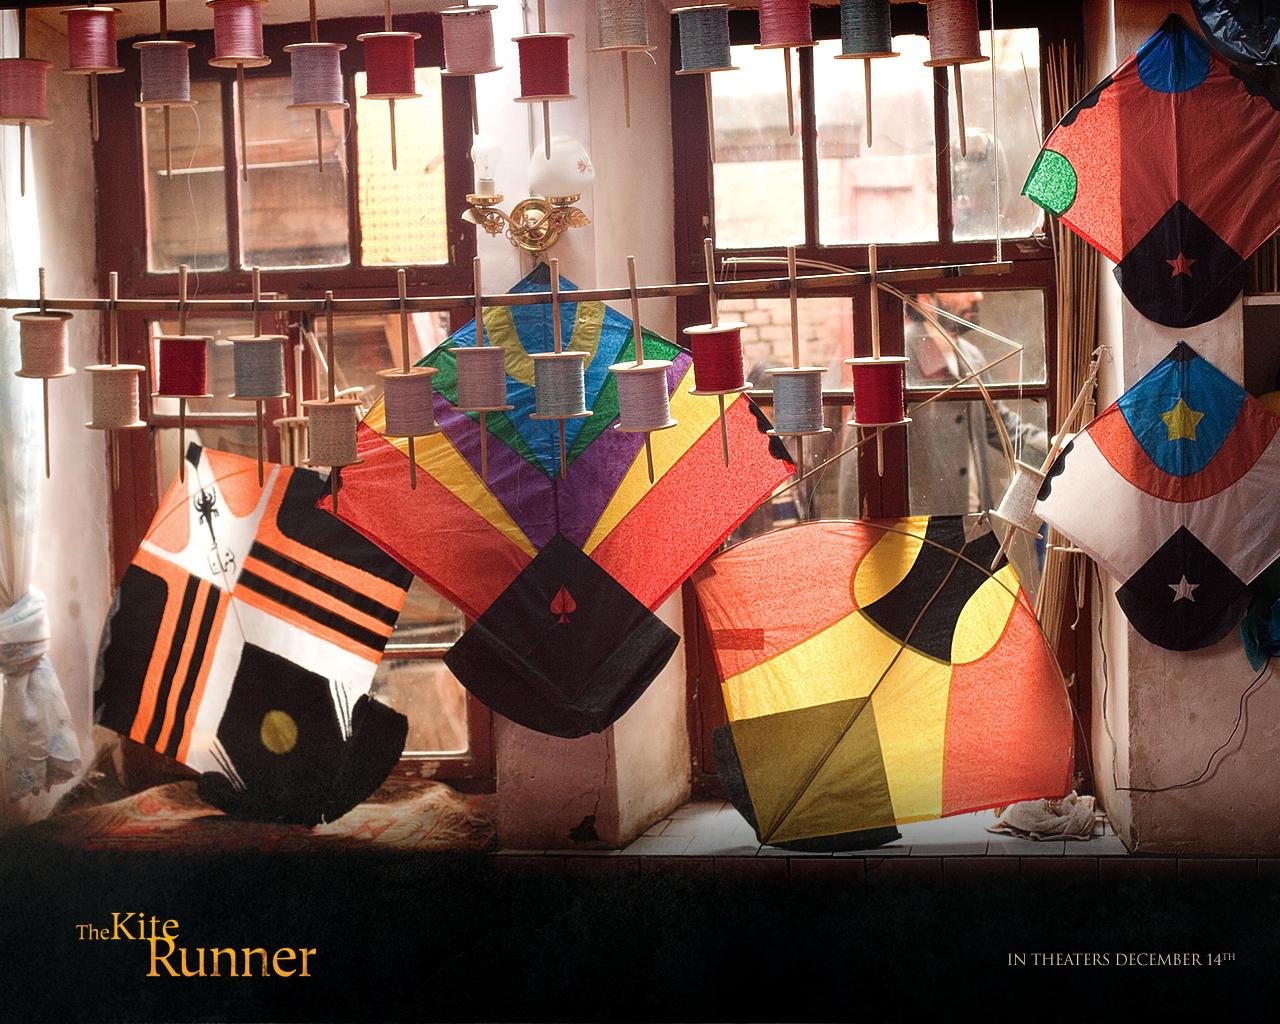 the kite runner the kite runner 003